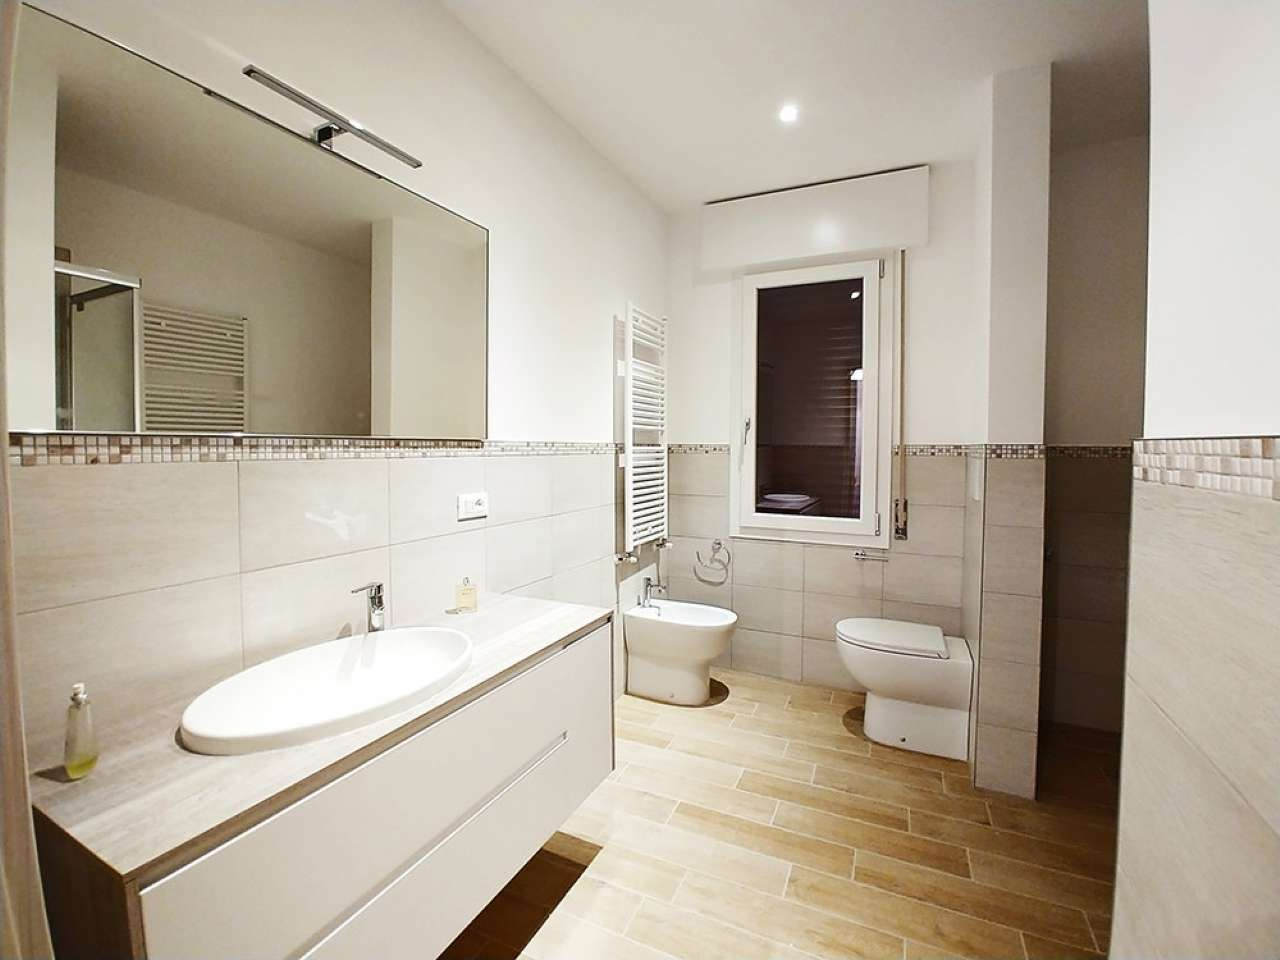 Appartamento in affitto a Piove di Sacco, 4 locali, prezzo € 700 | CambioCasa.it